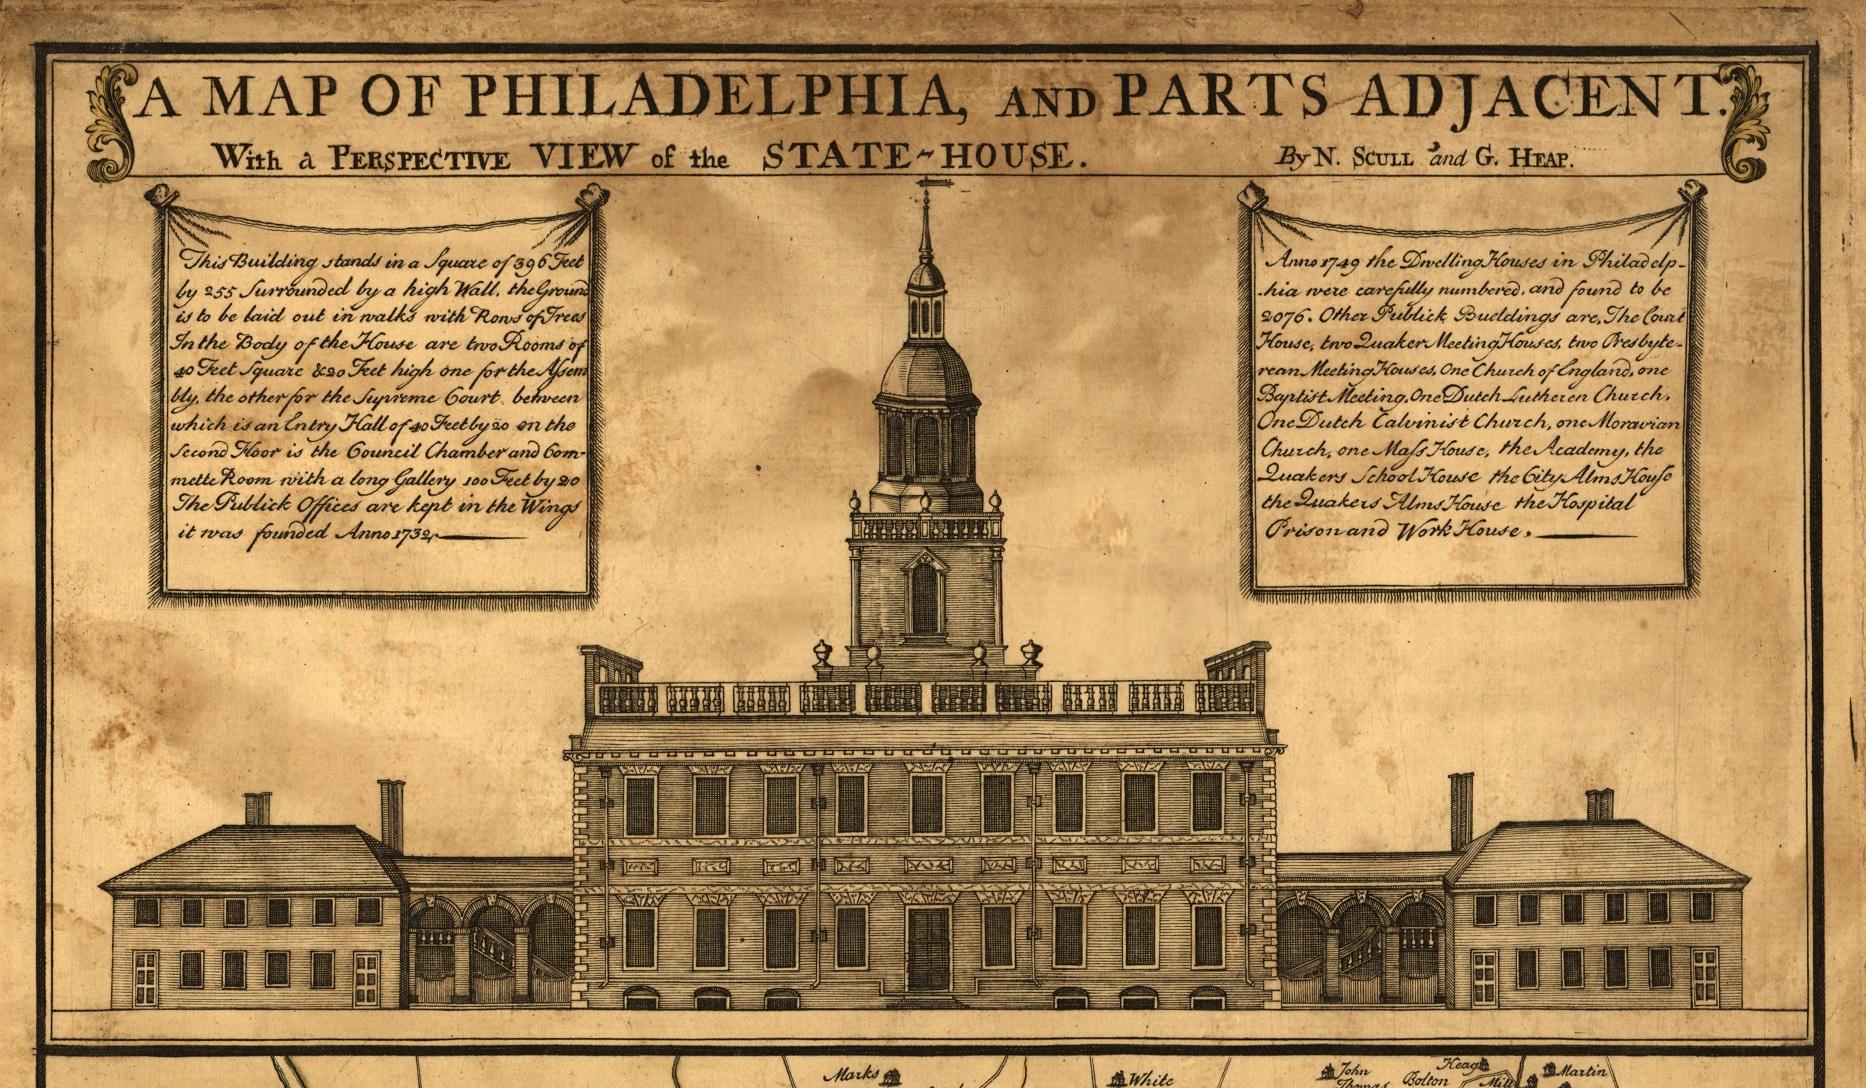 Aici a avut loc Convenția Constituțională